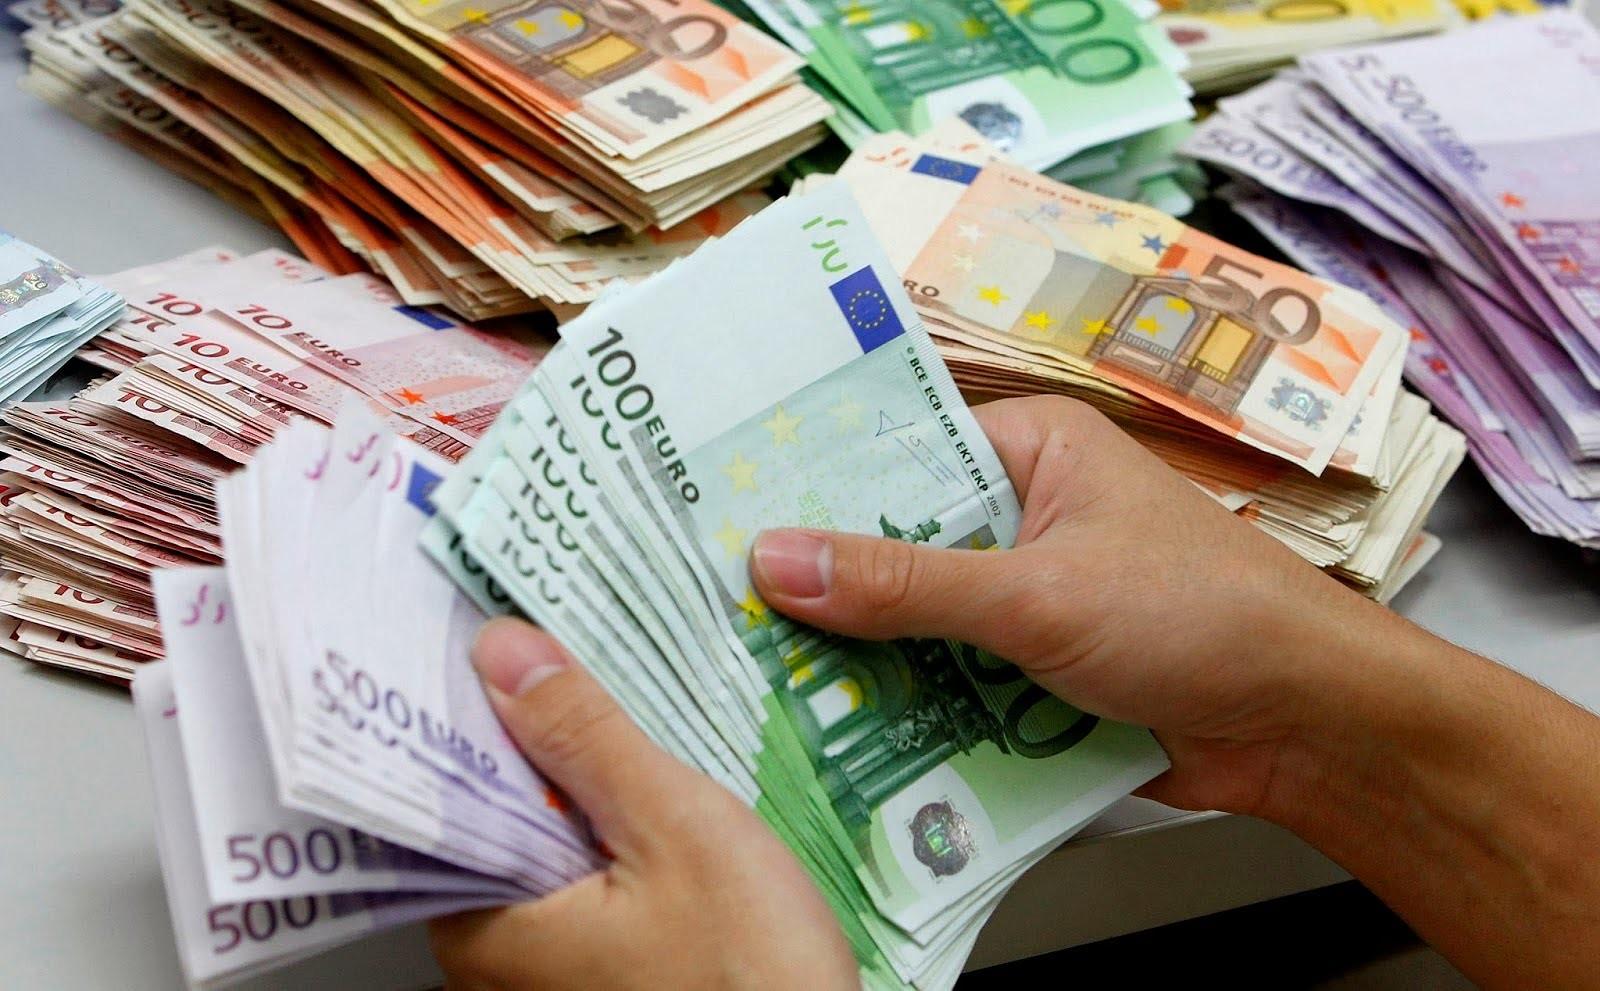 Поддельные товары ежегодно причиняют экономике Латвии ущерб на 141 млн евро